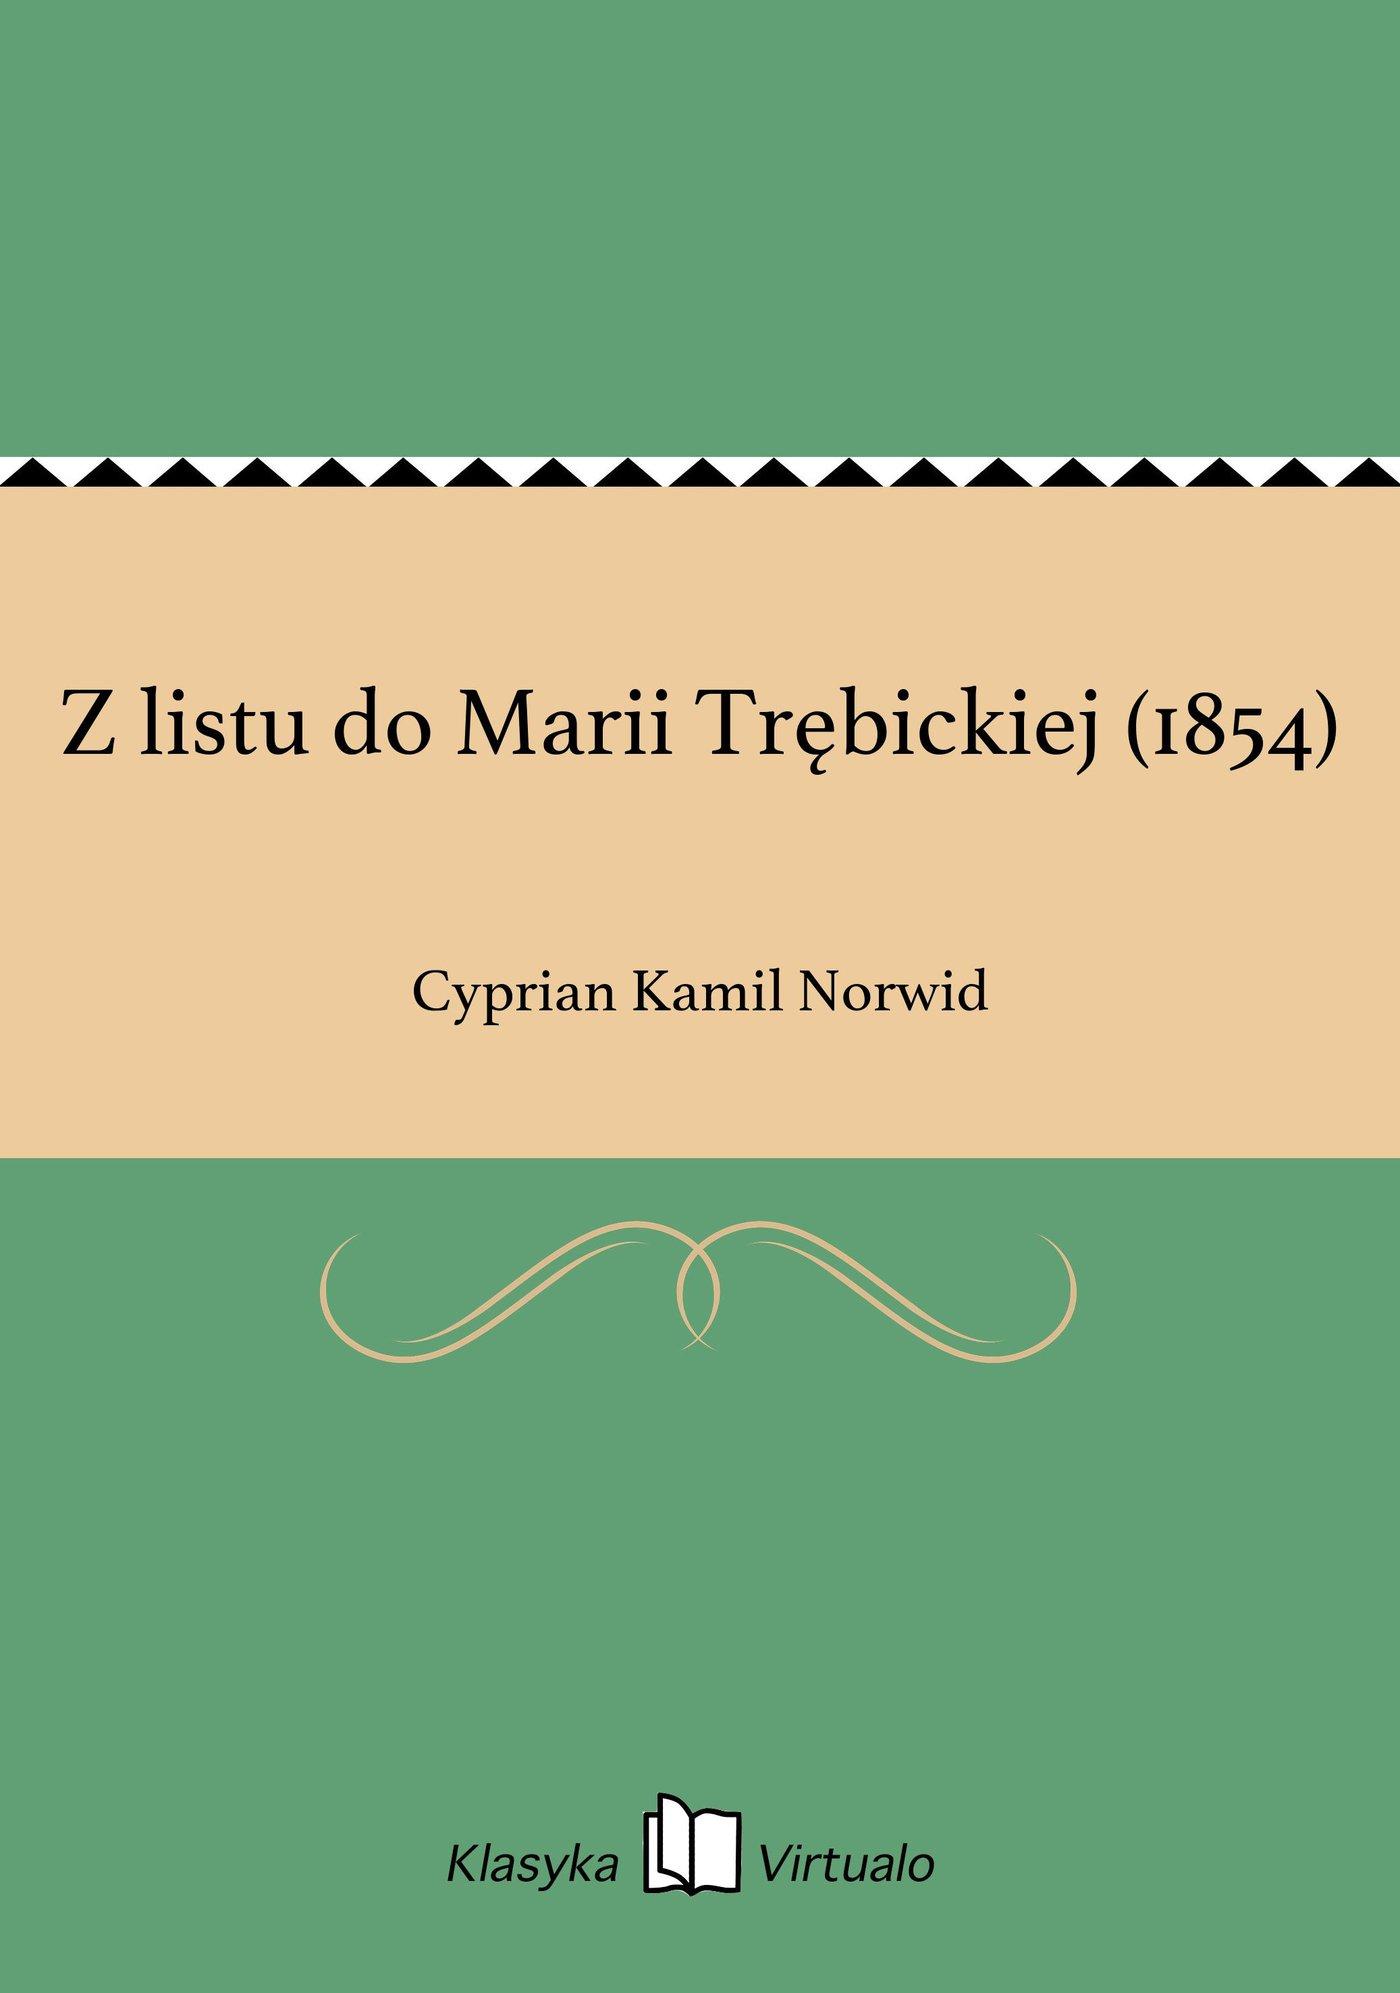 Z listu do Marii Trębickiej (1854) - Ebook (Książka EPUB) do pobrania w formacie EPUB